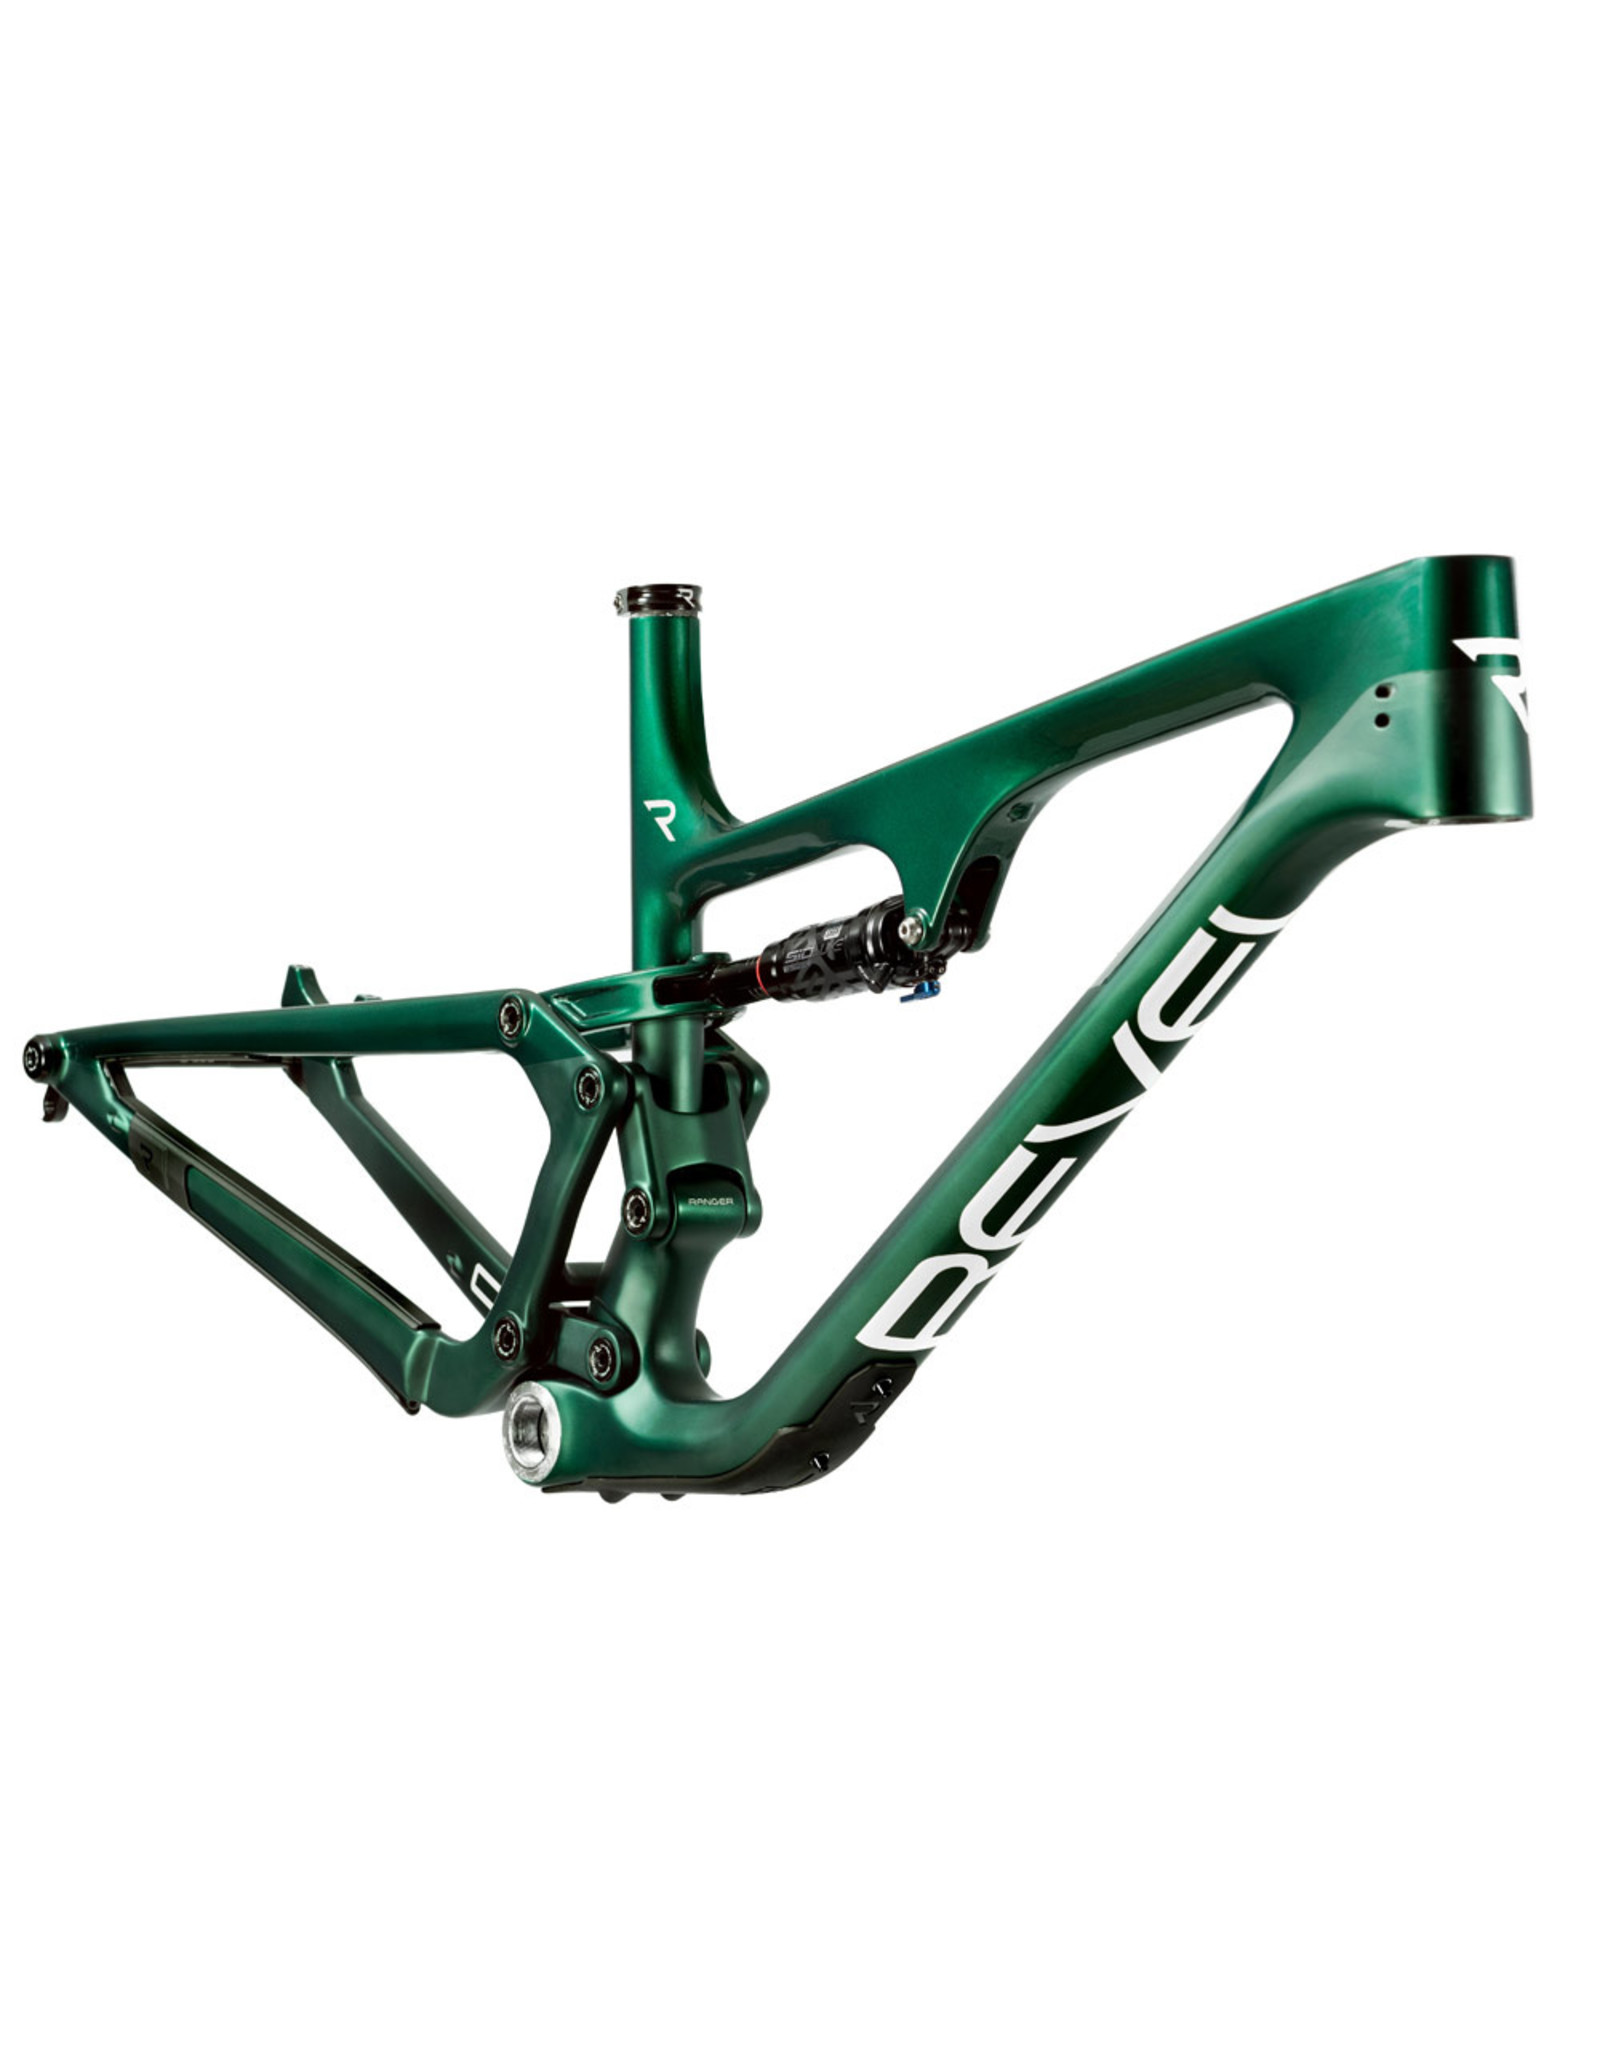 Revel Bikes Revel Ranger Frame w/RockShox Sid Deluxe Green Medium